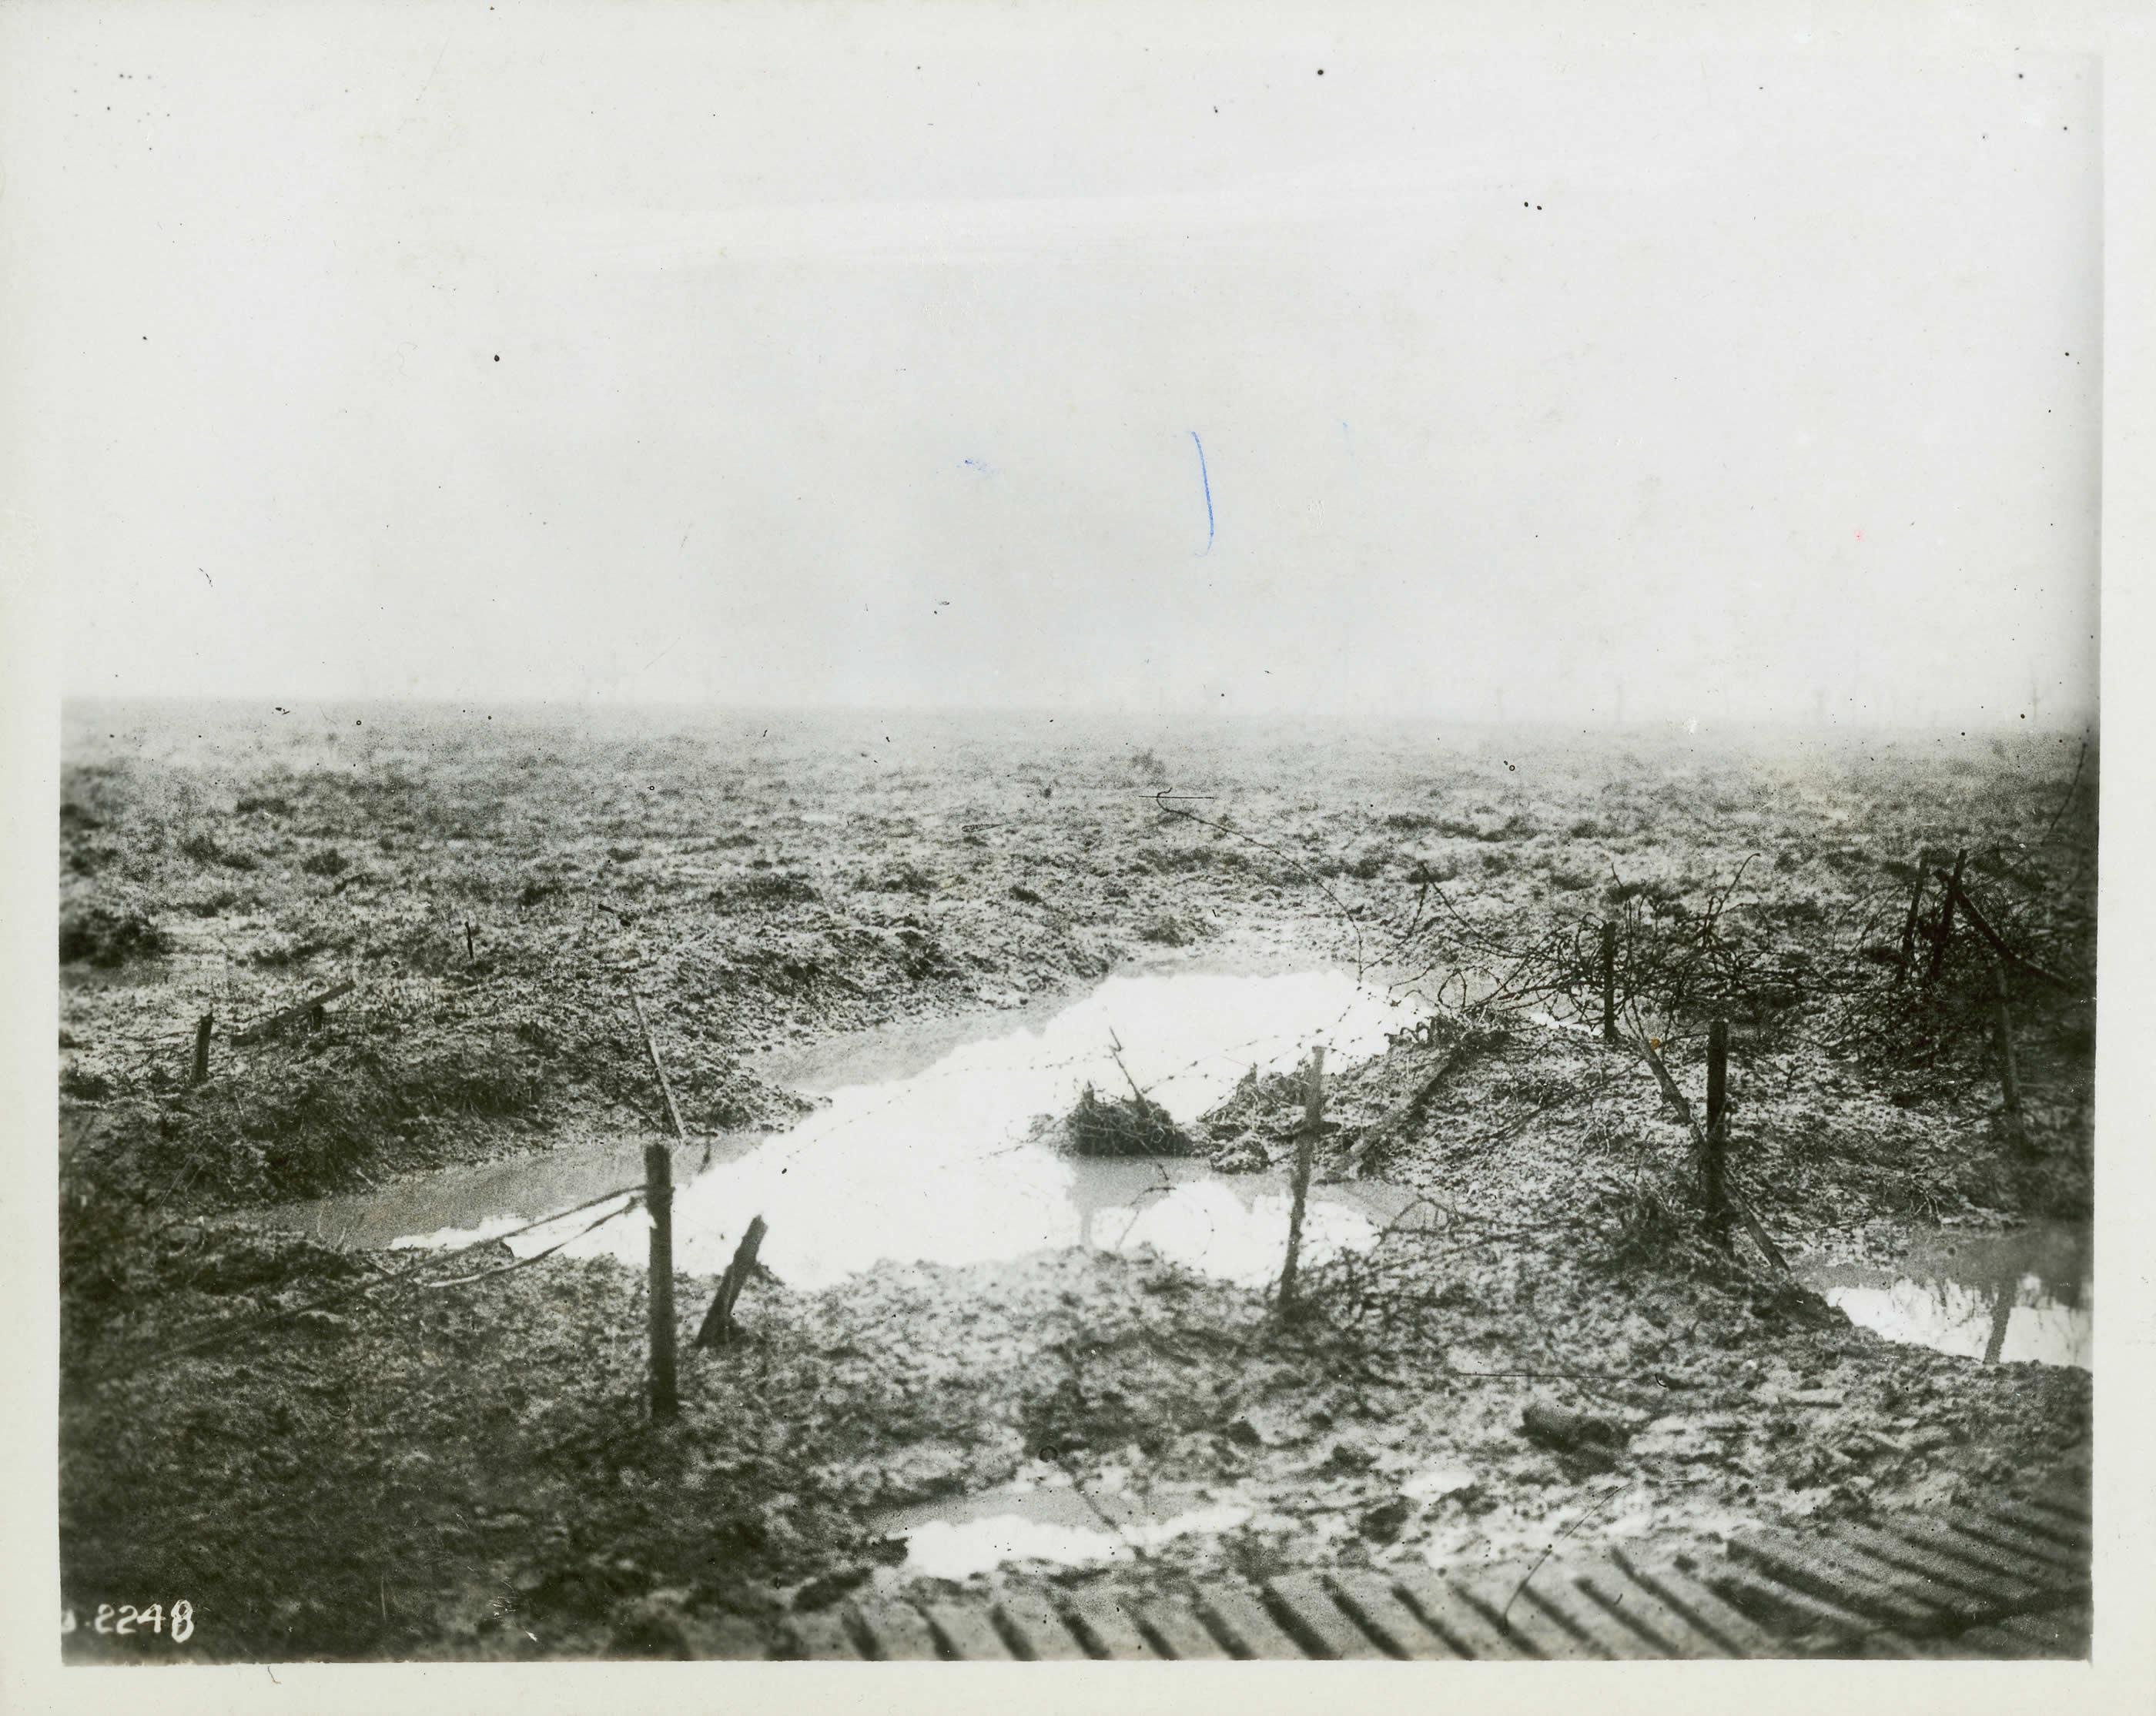 La boue de Passchendaele